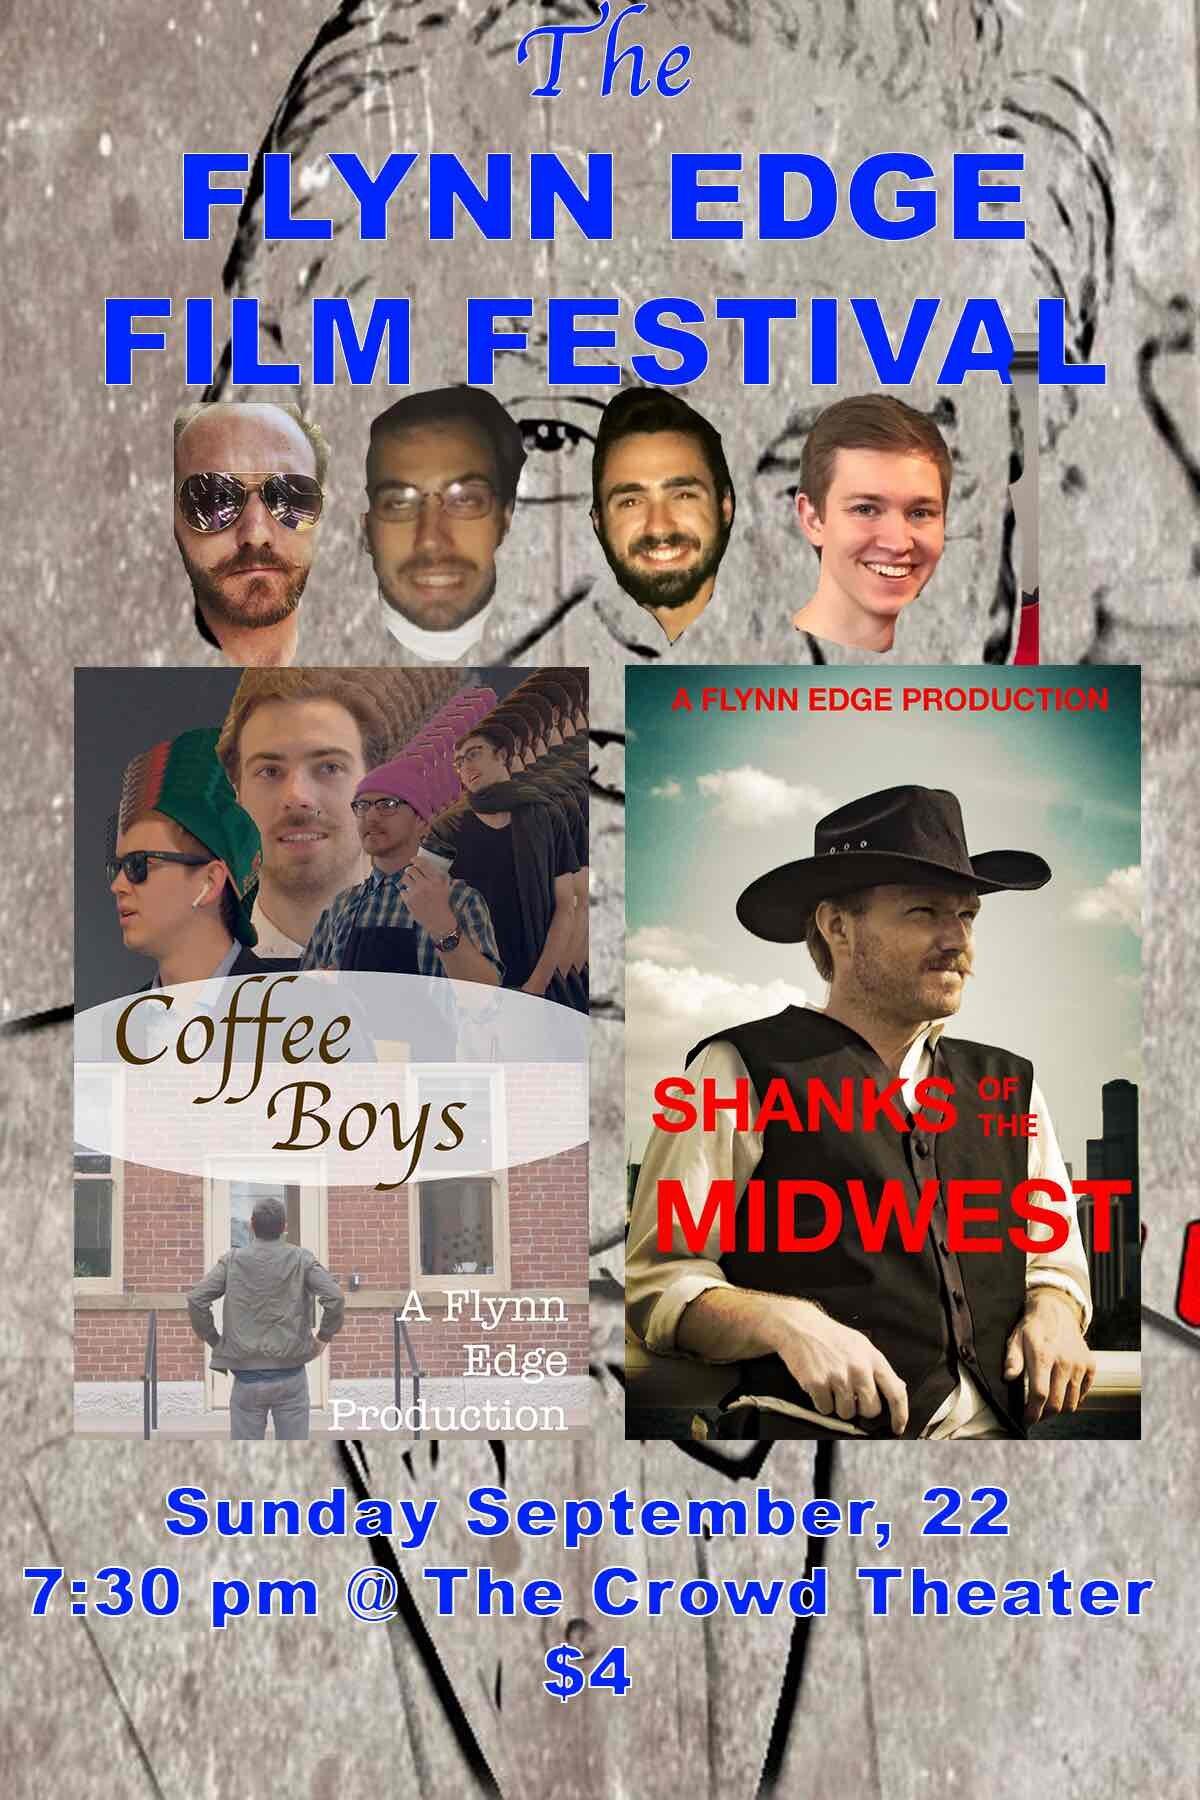 Flynn Edge Film Festival.jpg